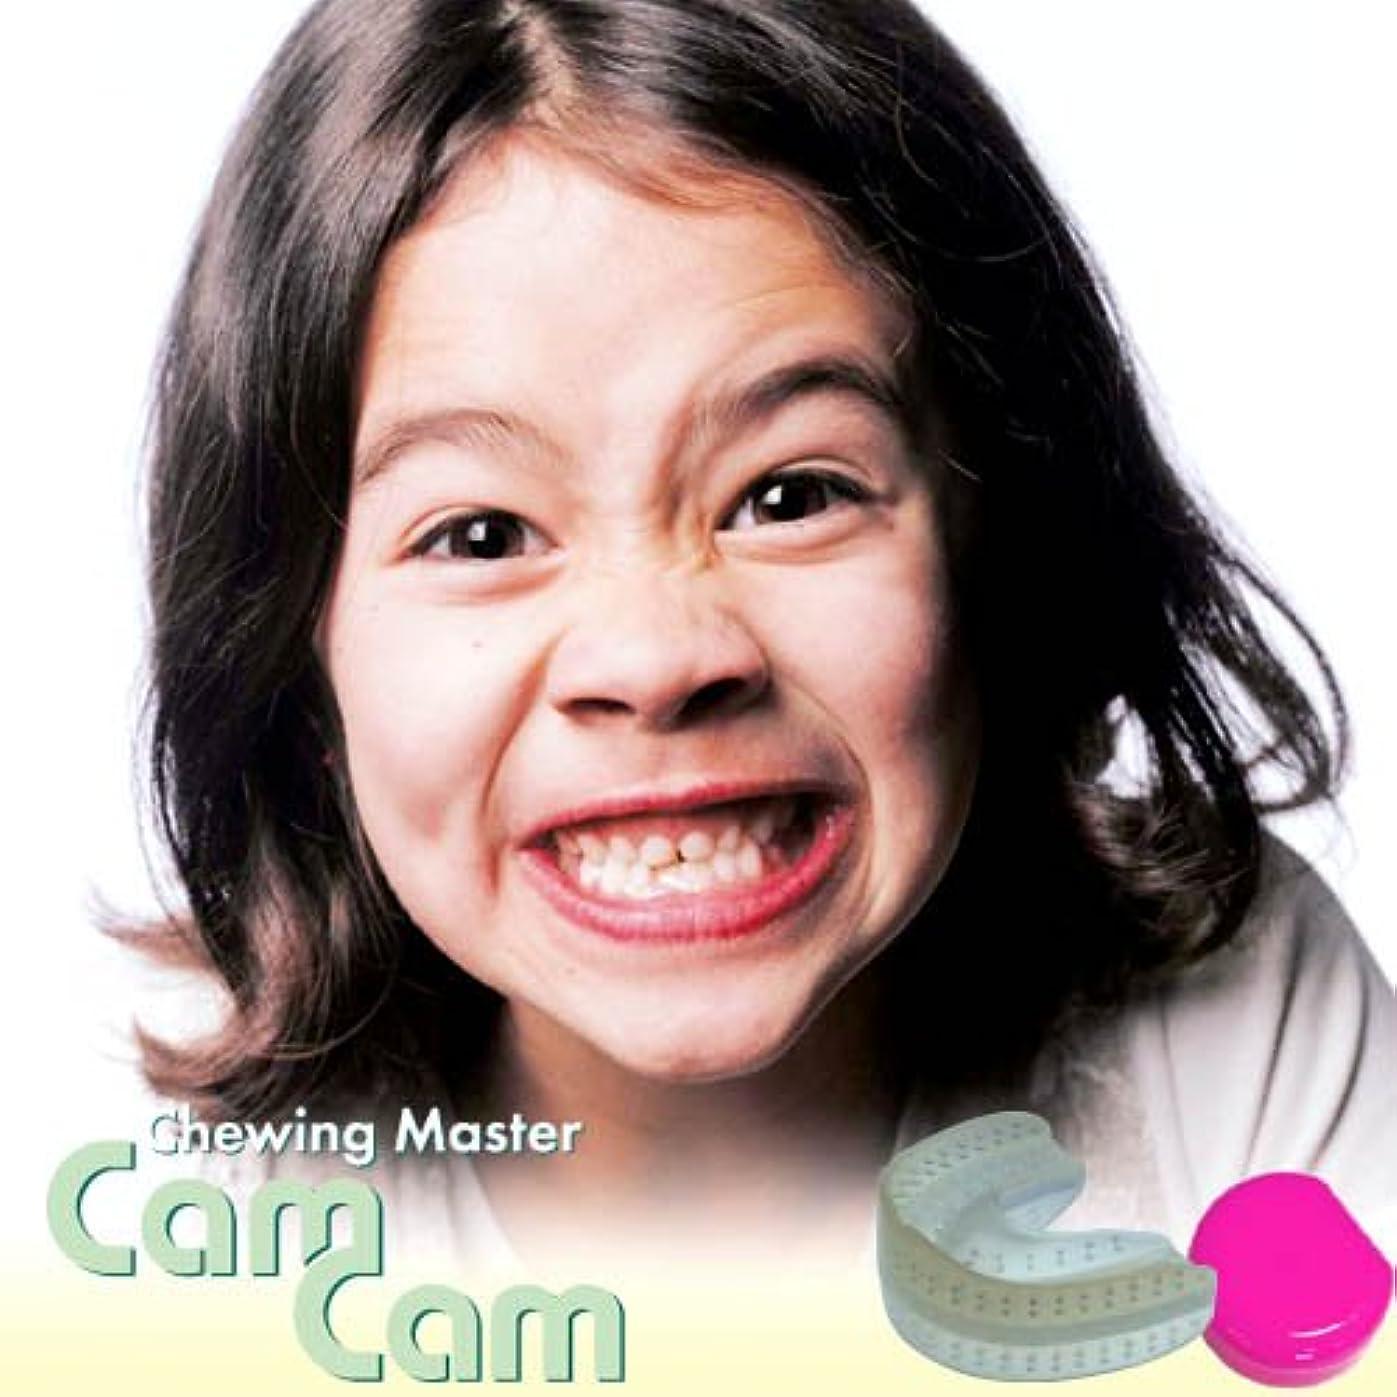 フロンティア複製ネックレス歯科医師開発 口腔筋機能トレーニング マウスピース 【CamCam MD (ピンク)】混合歯列期から永久歯列期用